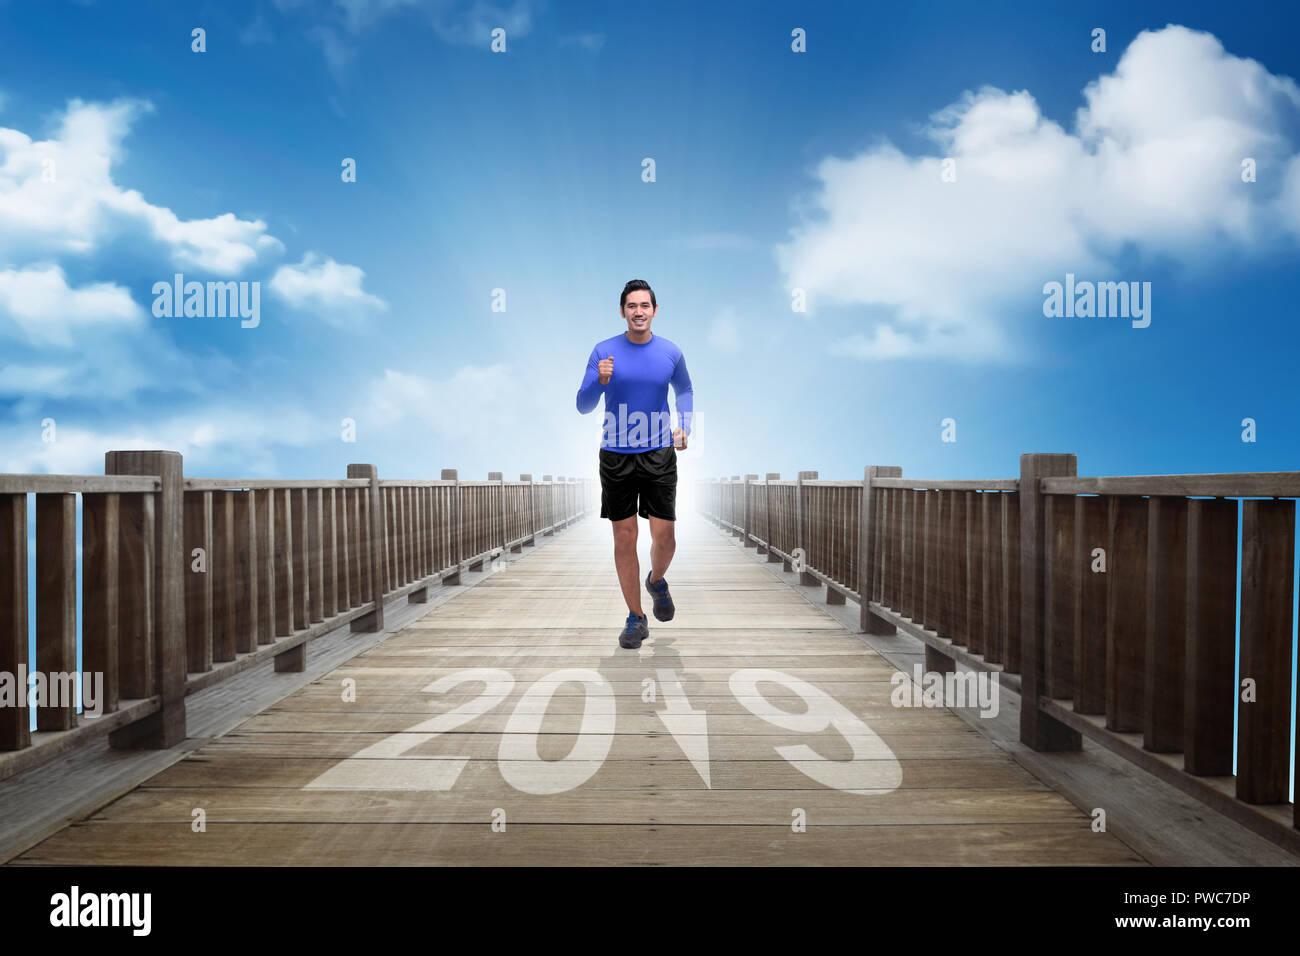 81165ae22bf9 Joven asiático hombre corriendo hacia el año de 2019. Feliz Año ...